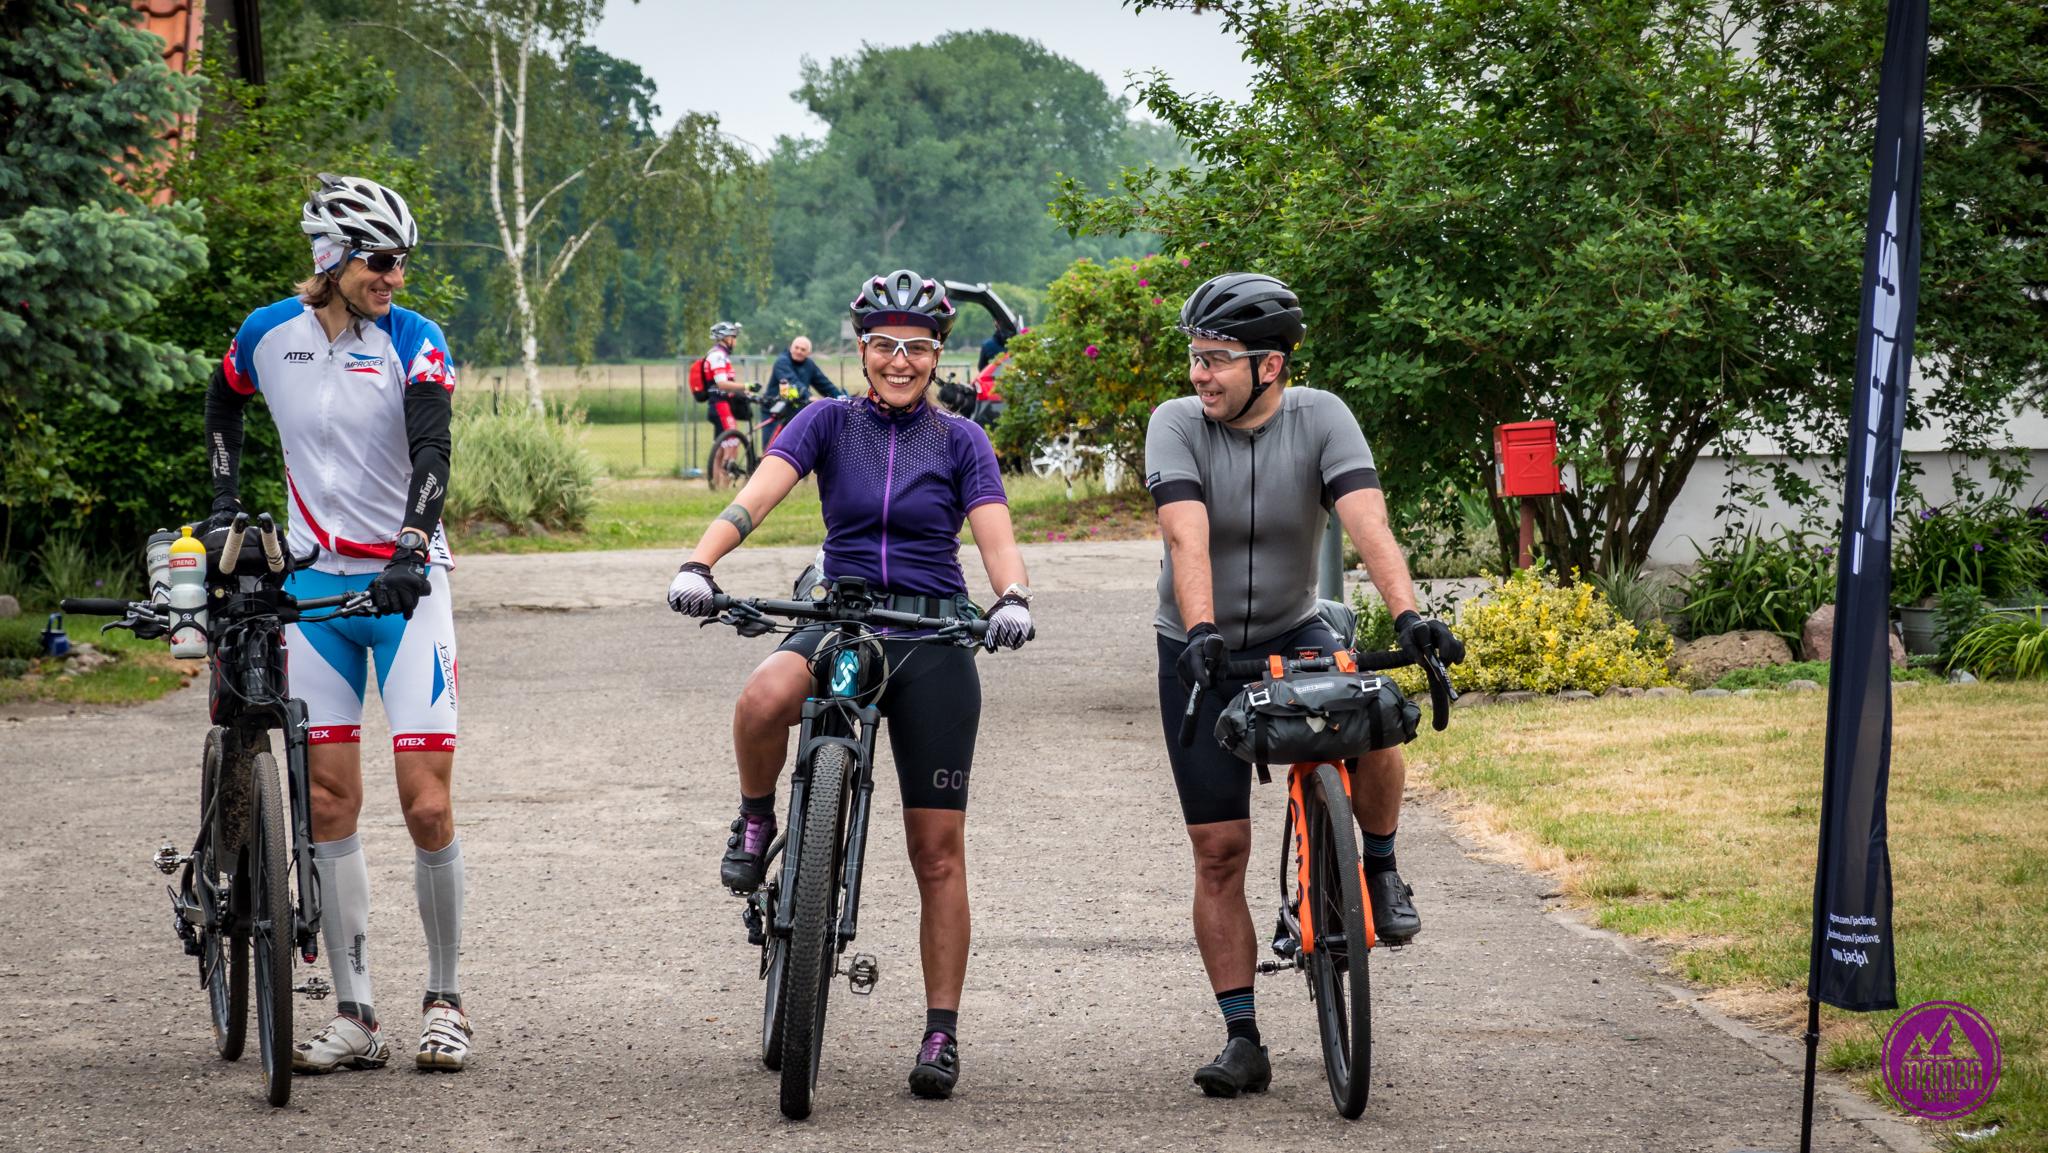 Bike Team startuje w Poland Gravel Race, kto też jedzie?